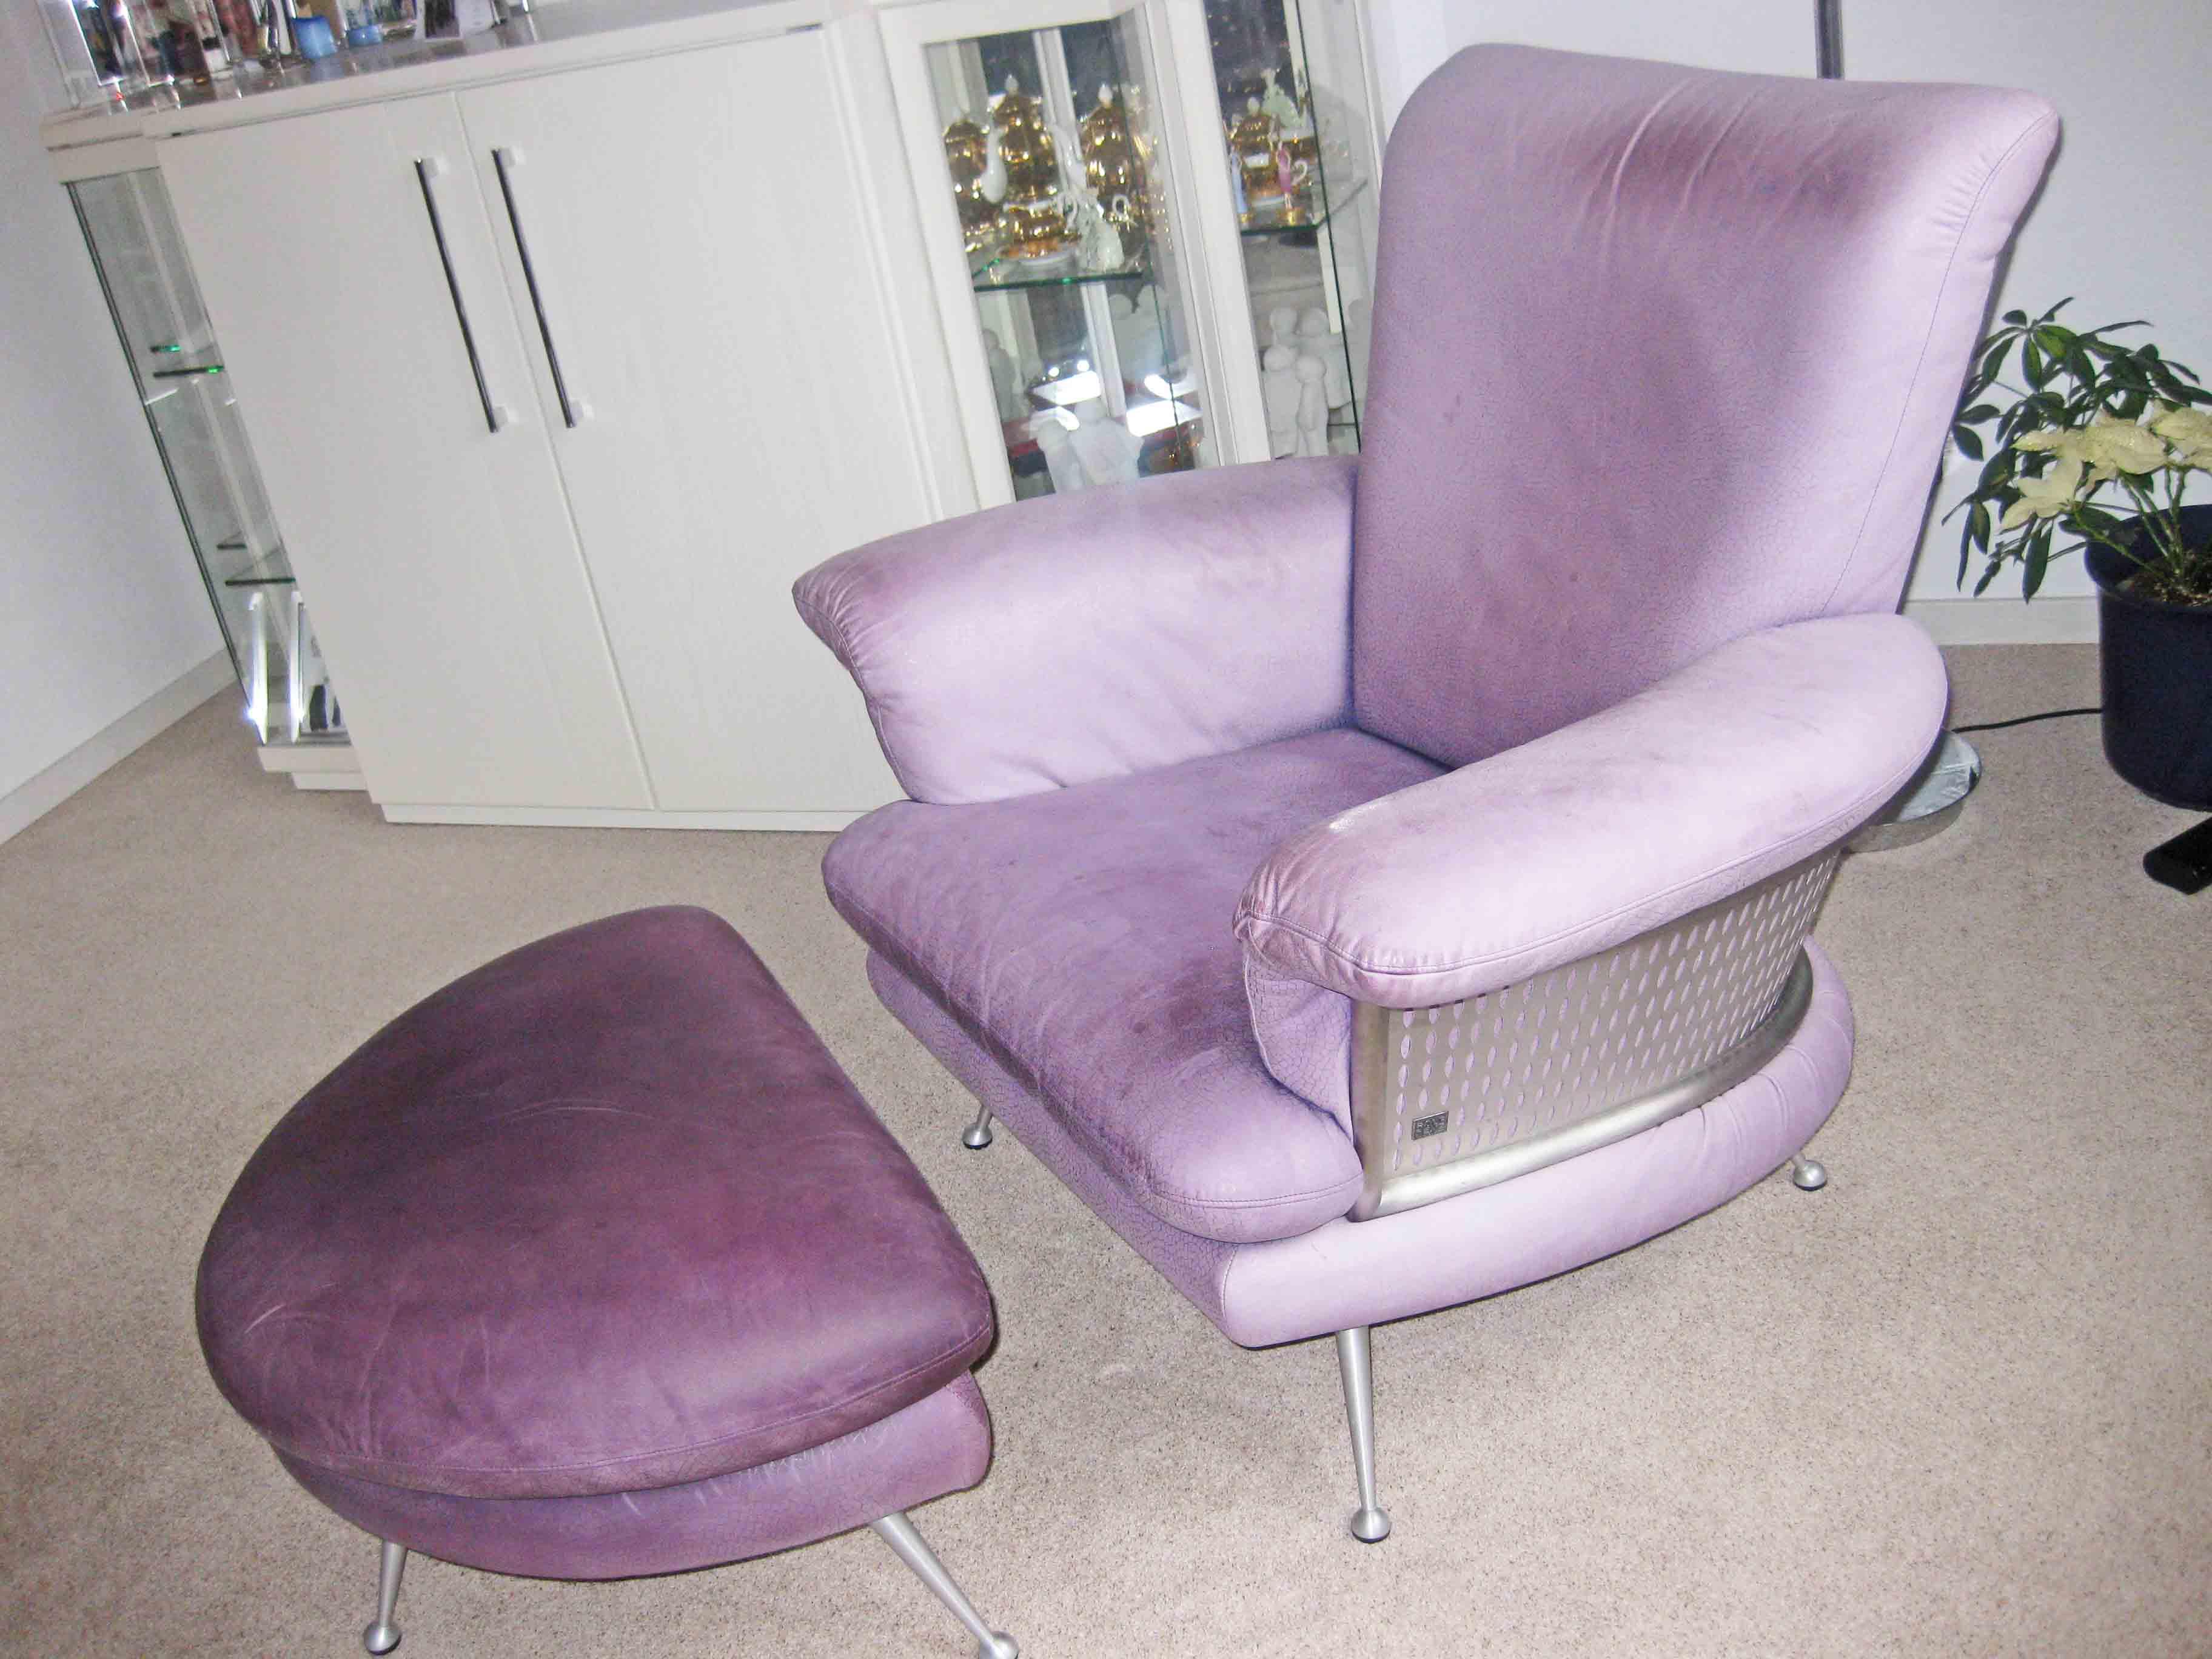 Altes Sofa Reinigen die reinigung und pflege rauledern lederzentrum spezialist